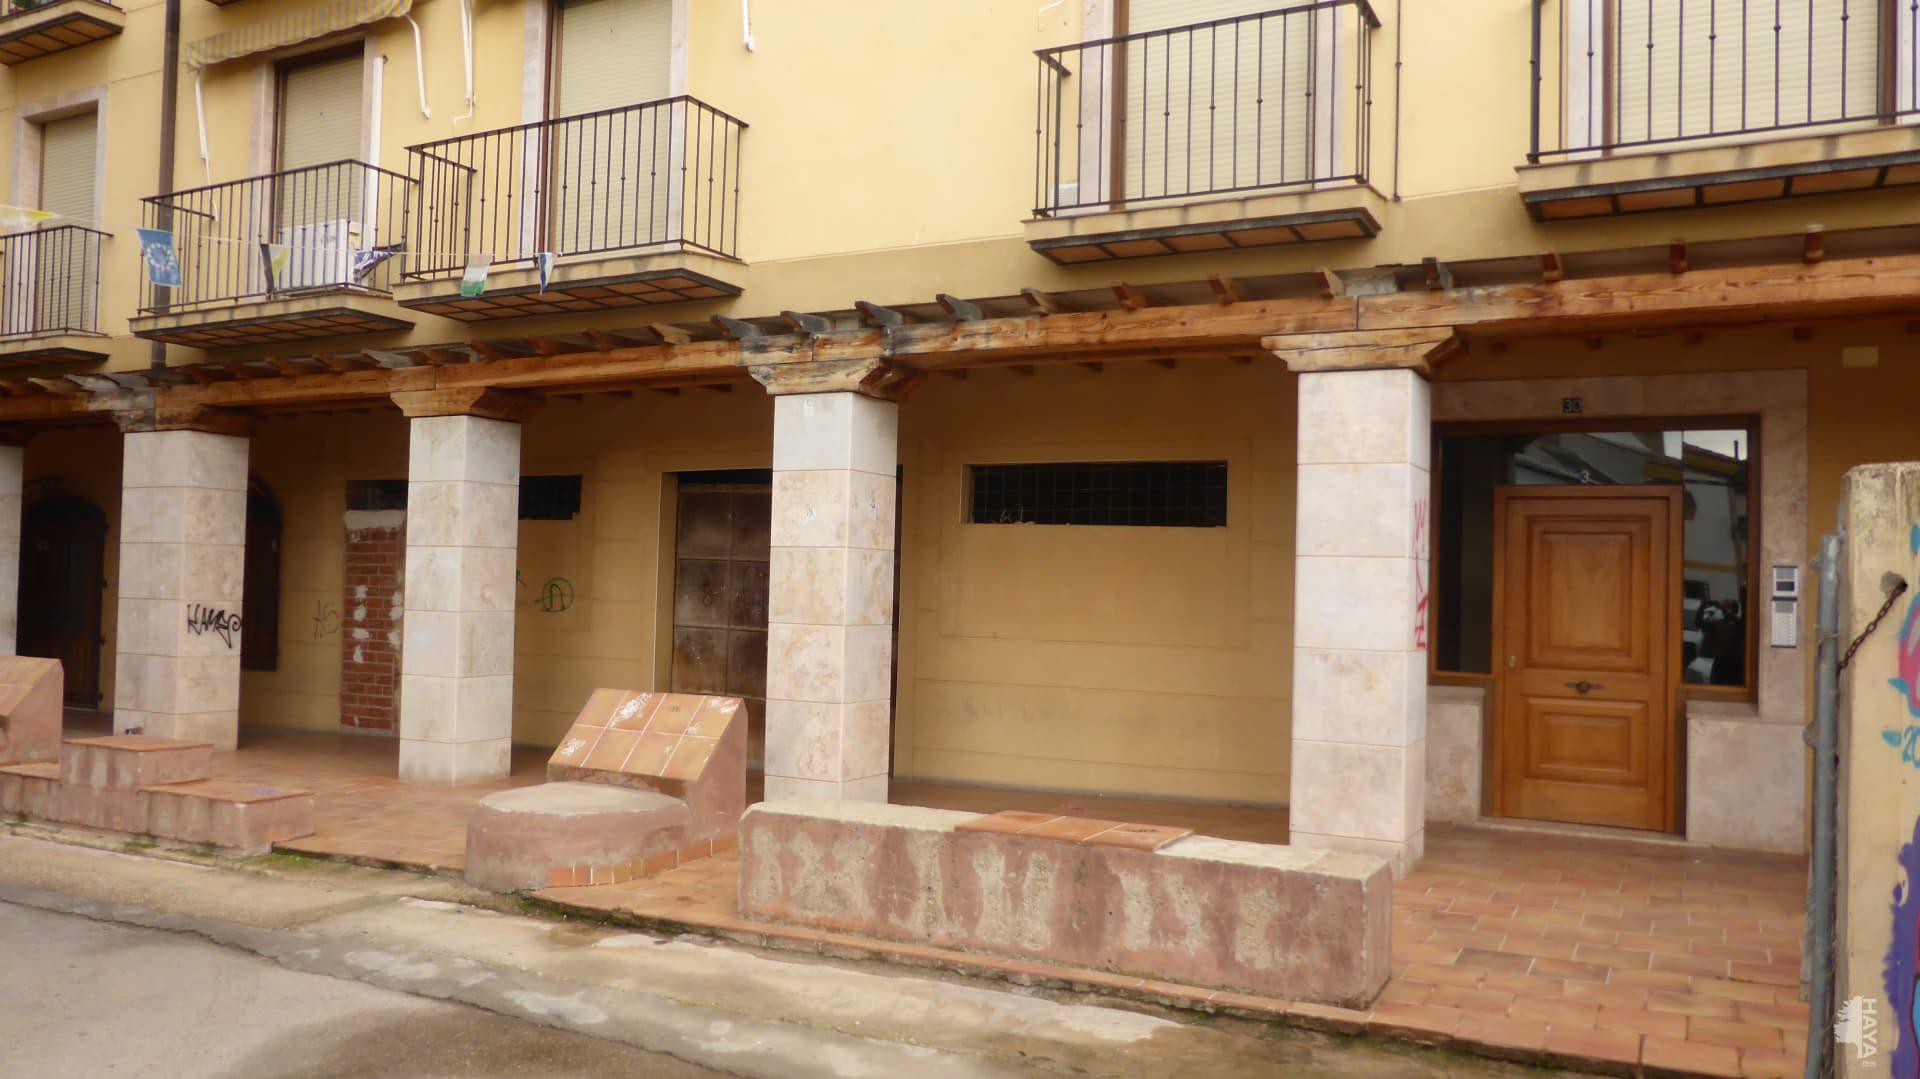 Local en venta en Herencia, Ciudad Real, Calle Mesones, 28.100 €, 103 m2